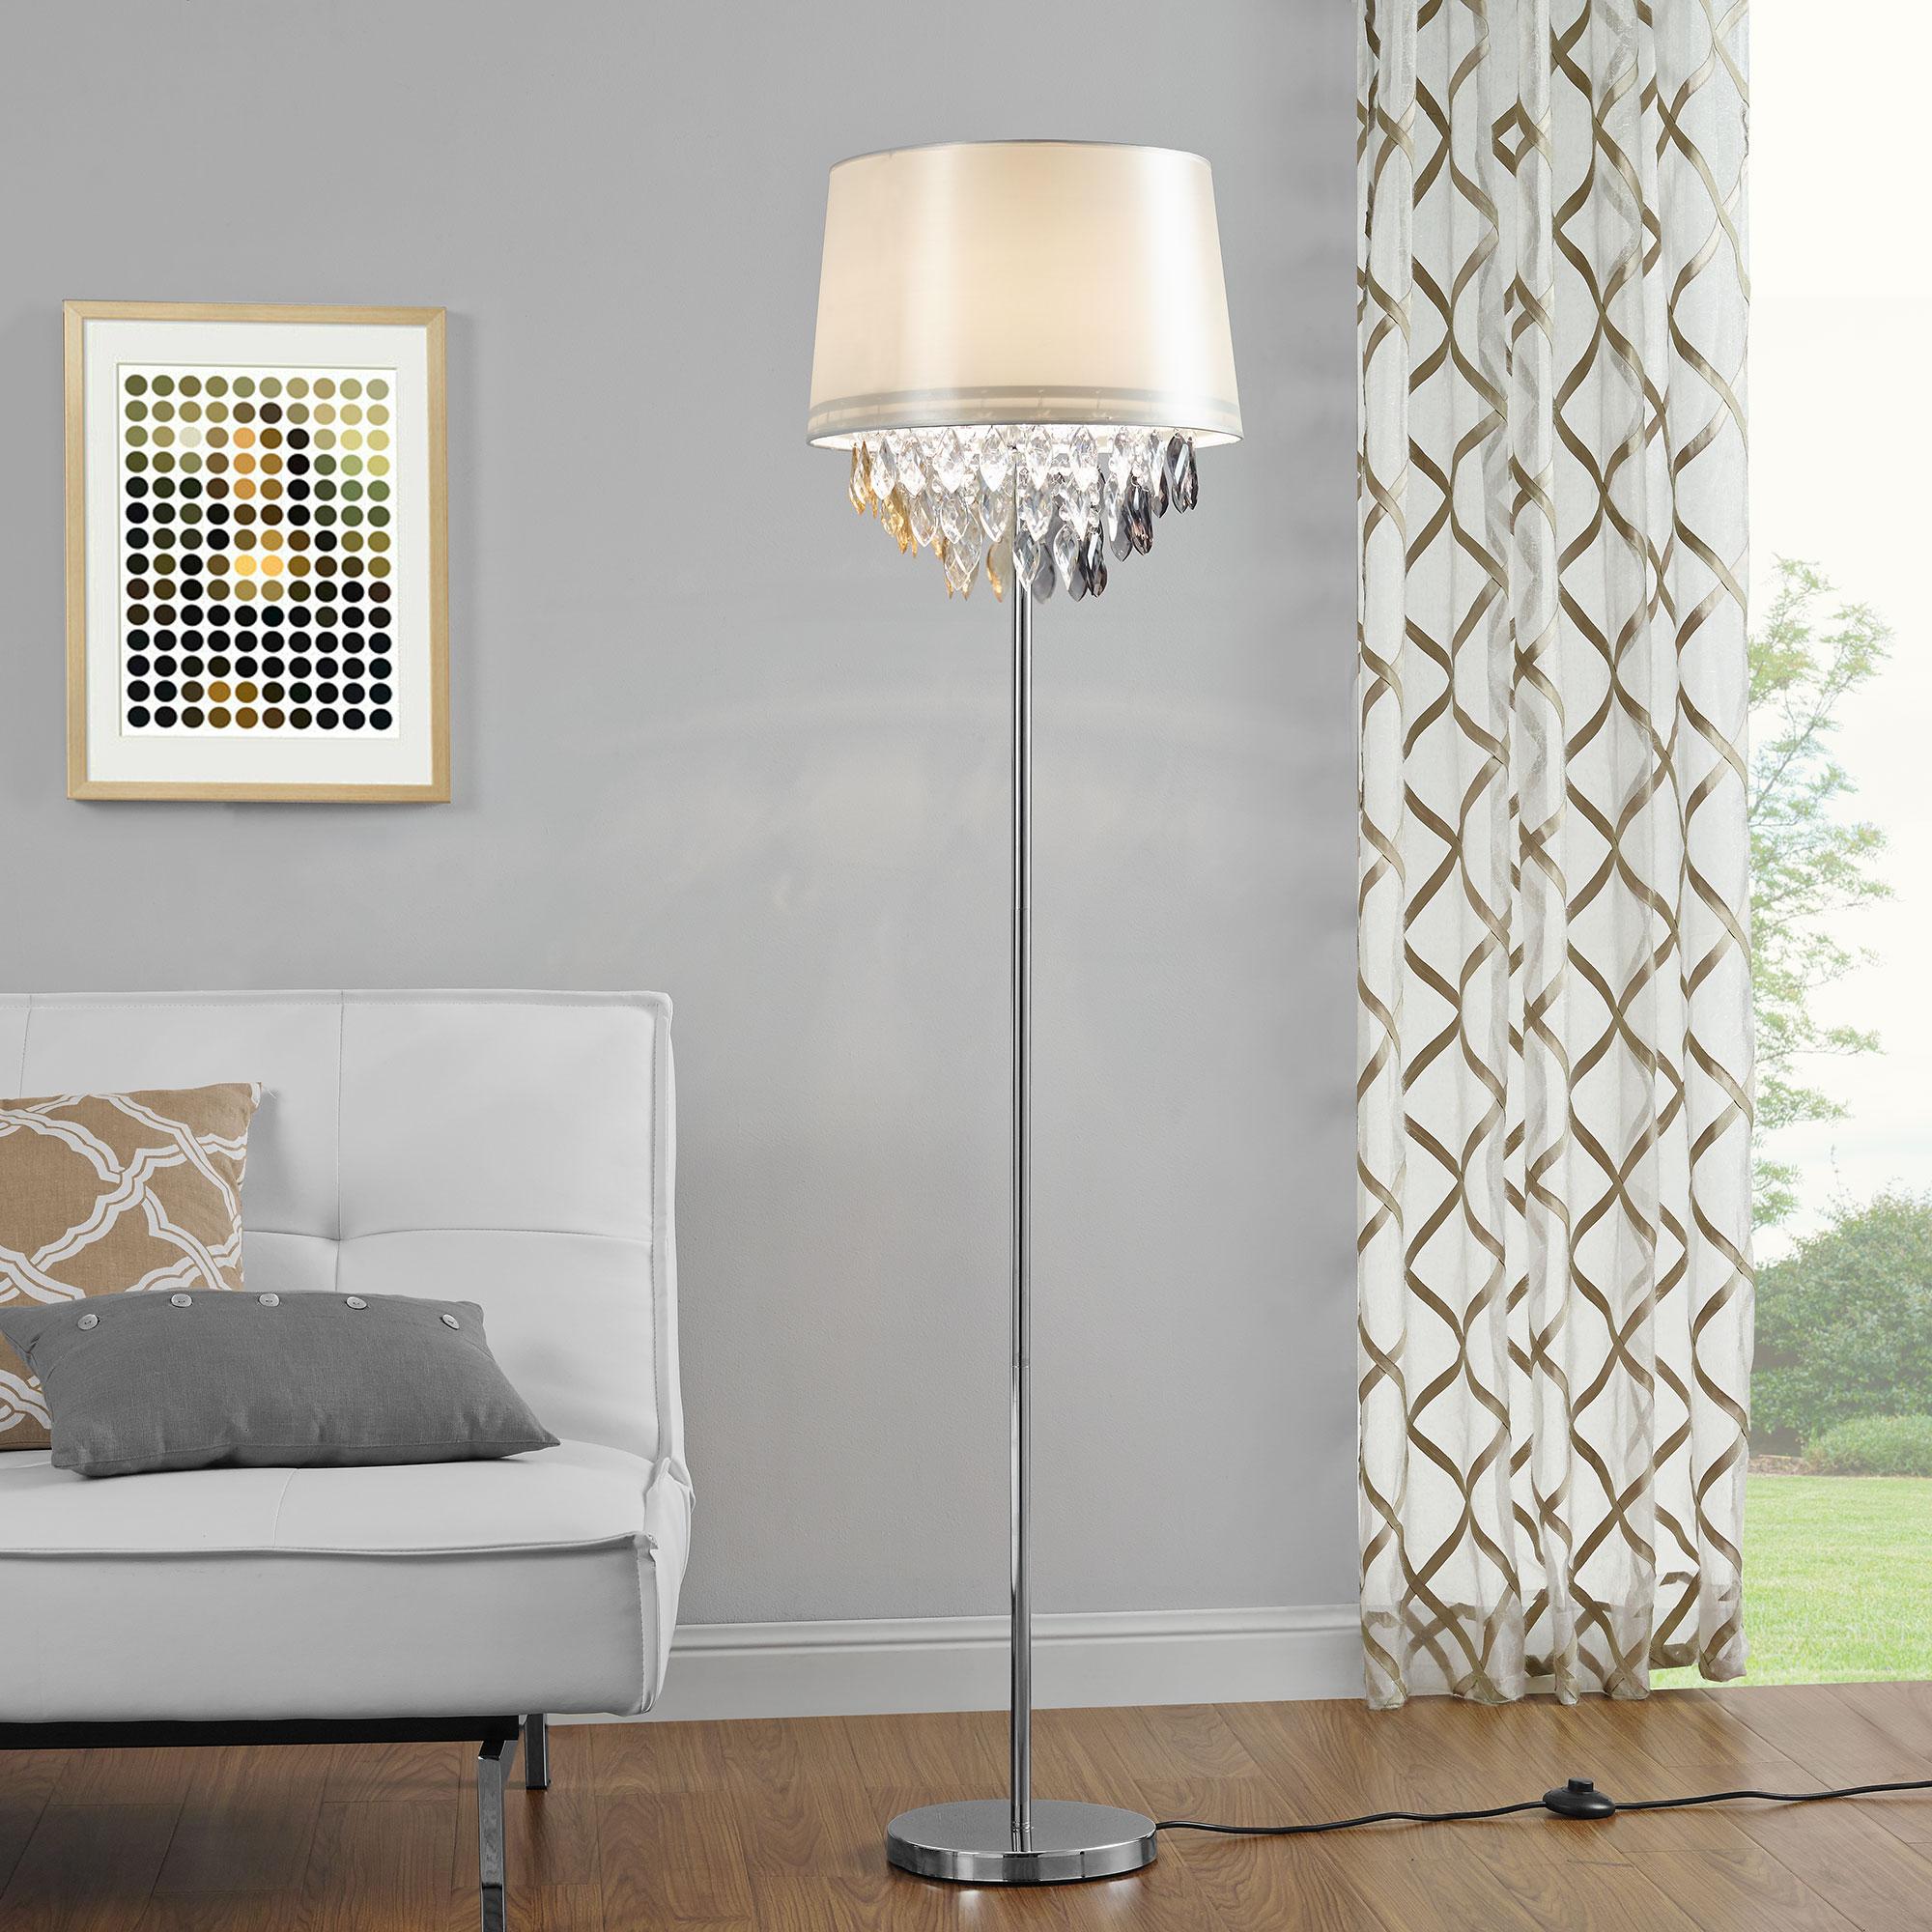 Full Size of Kristall Stehlampe Luxpro Stehleuchte Lampe Wohnzimmerlampe Leuchte Schlafzimmer Wohnzimmer Stehlampen Wohnzimmer Kristall Stehlampe